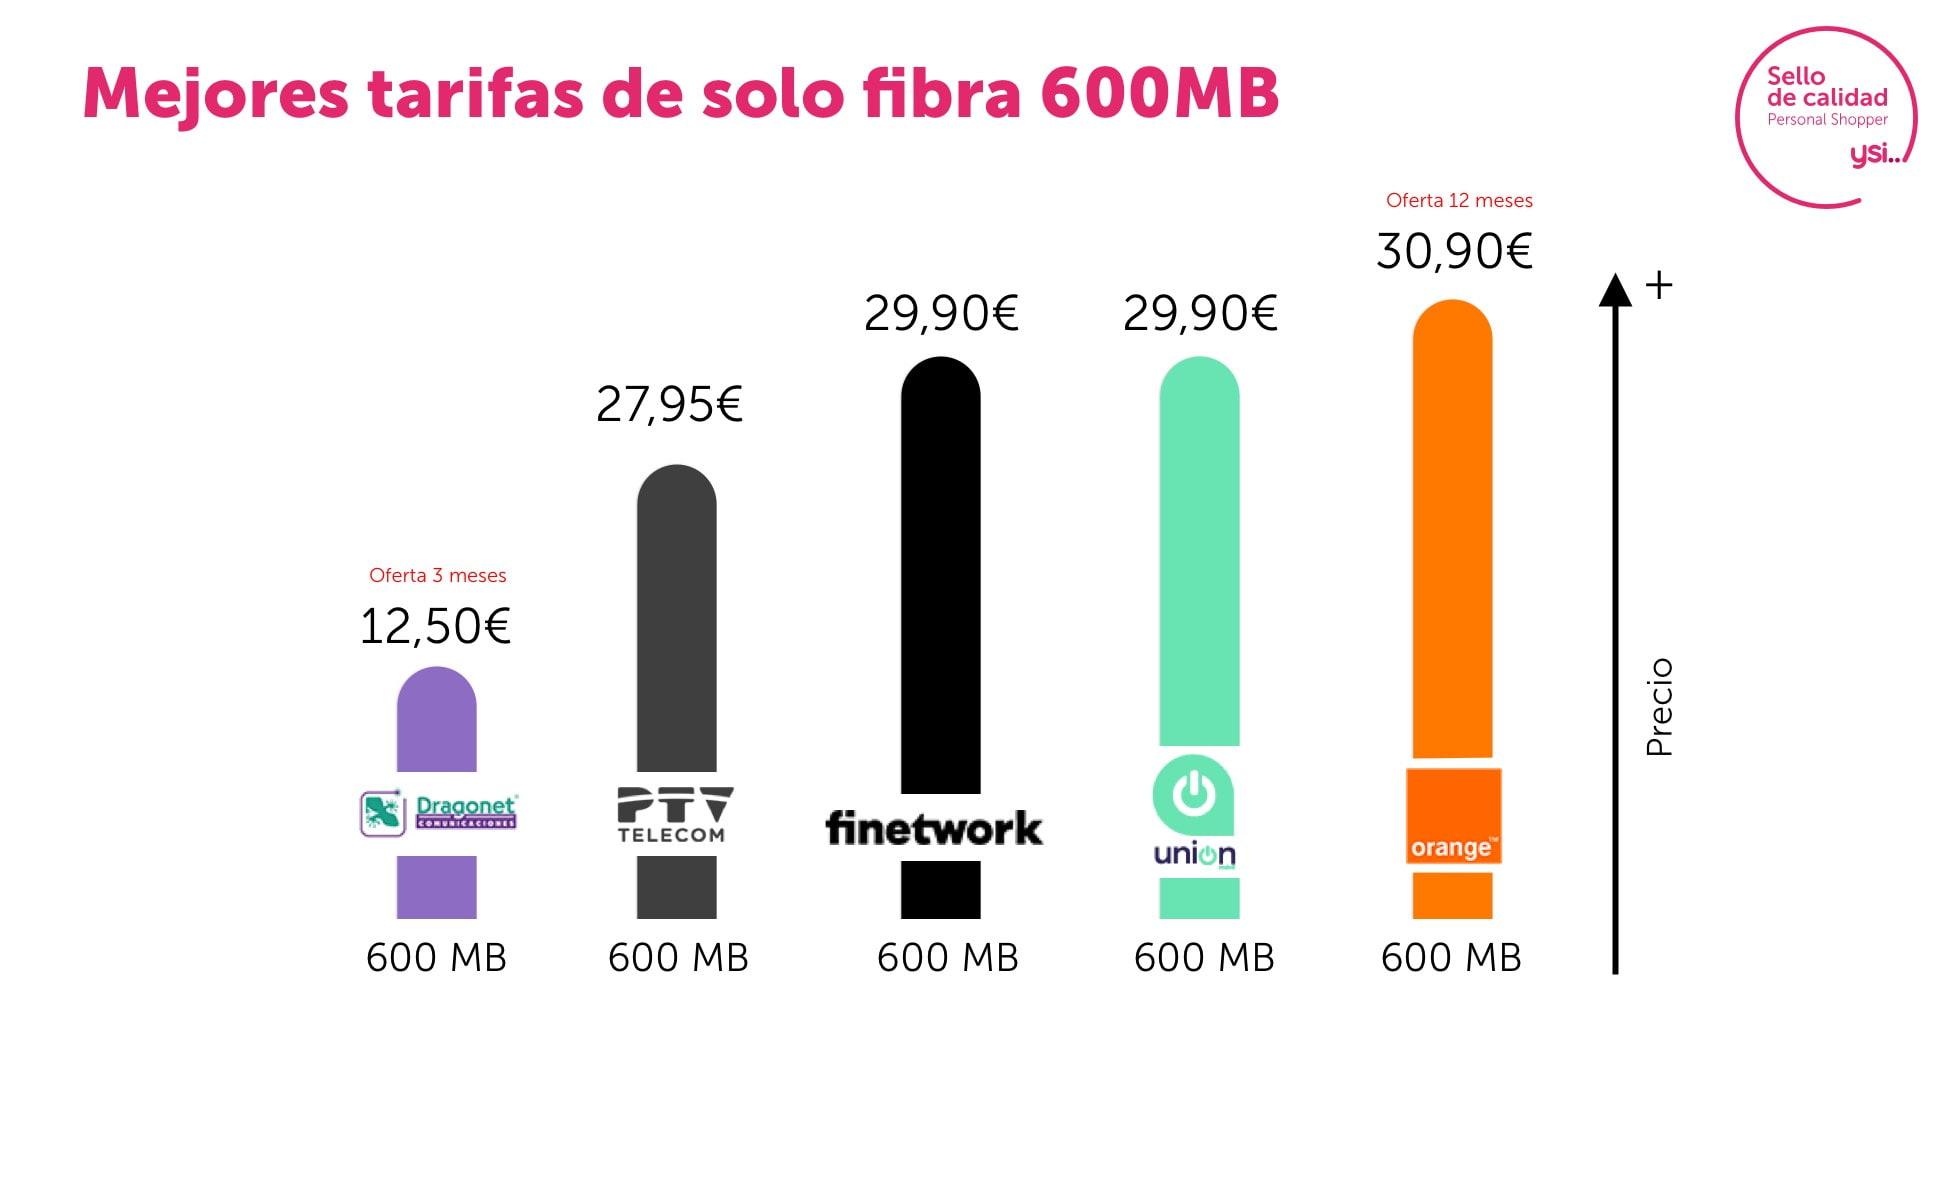 Las mejores ofertas fibra 600Mb